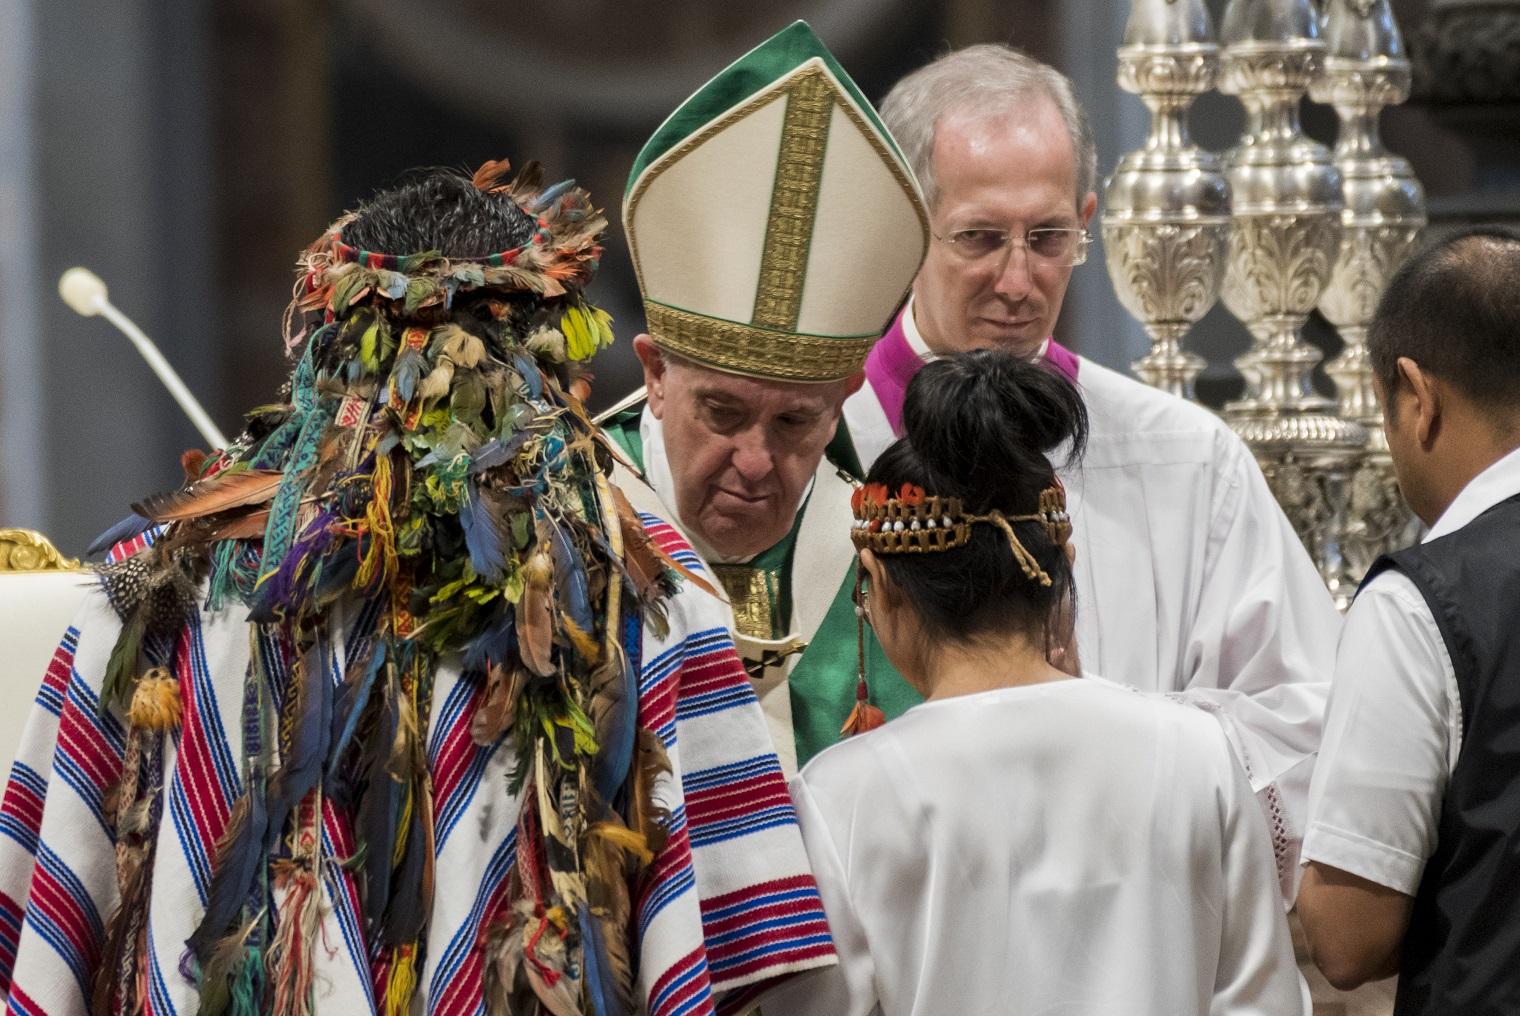 Representantes dos povos indígenas da Amazônia com o Papa Francisco na missa de encerramento do Sínodo. Foto Massimo Valicchia/NurPhoto